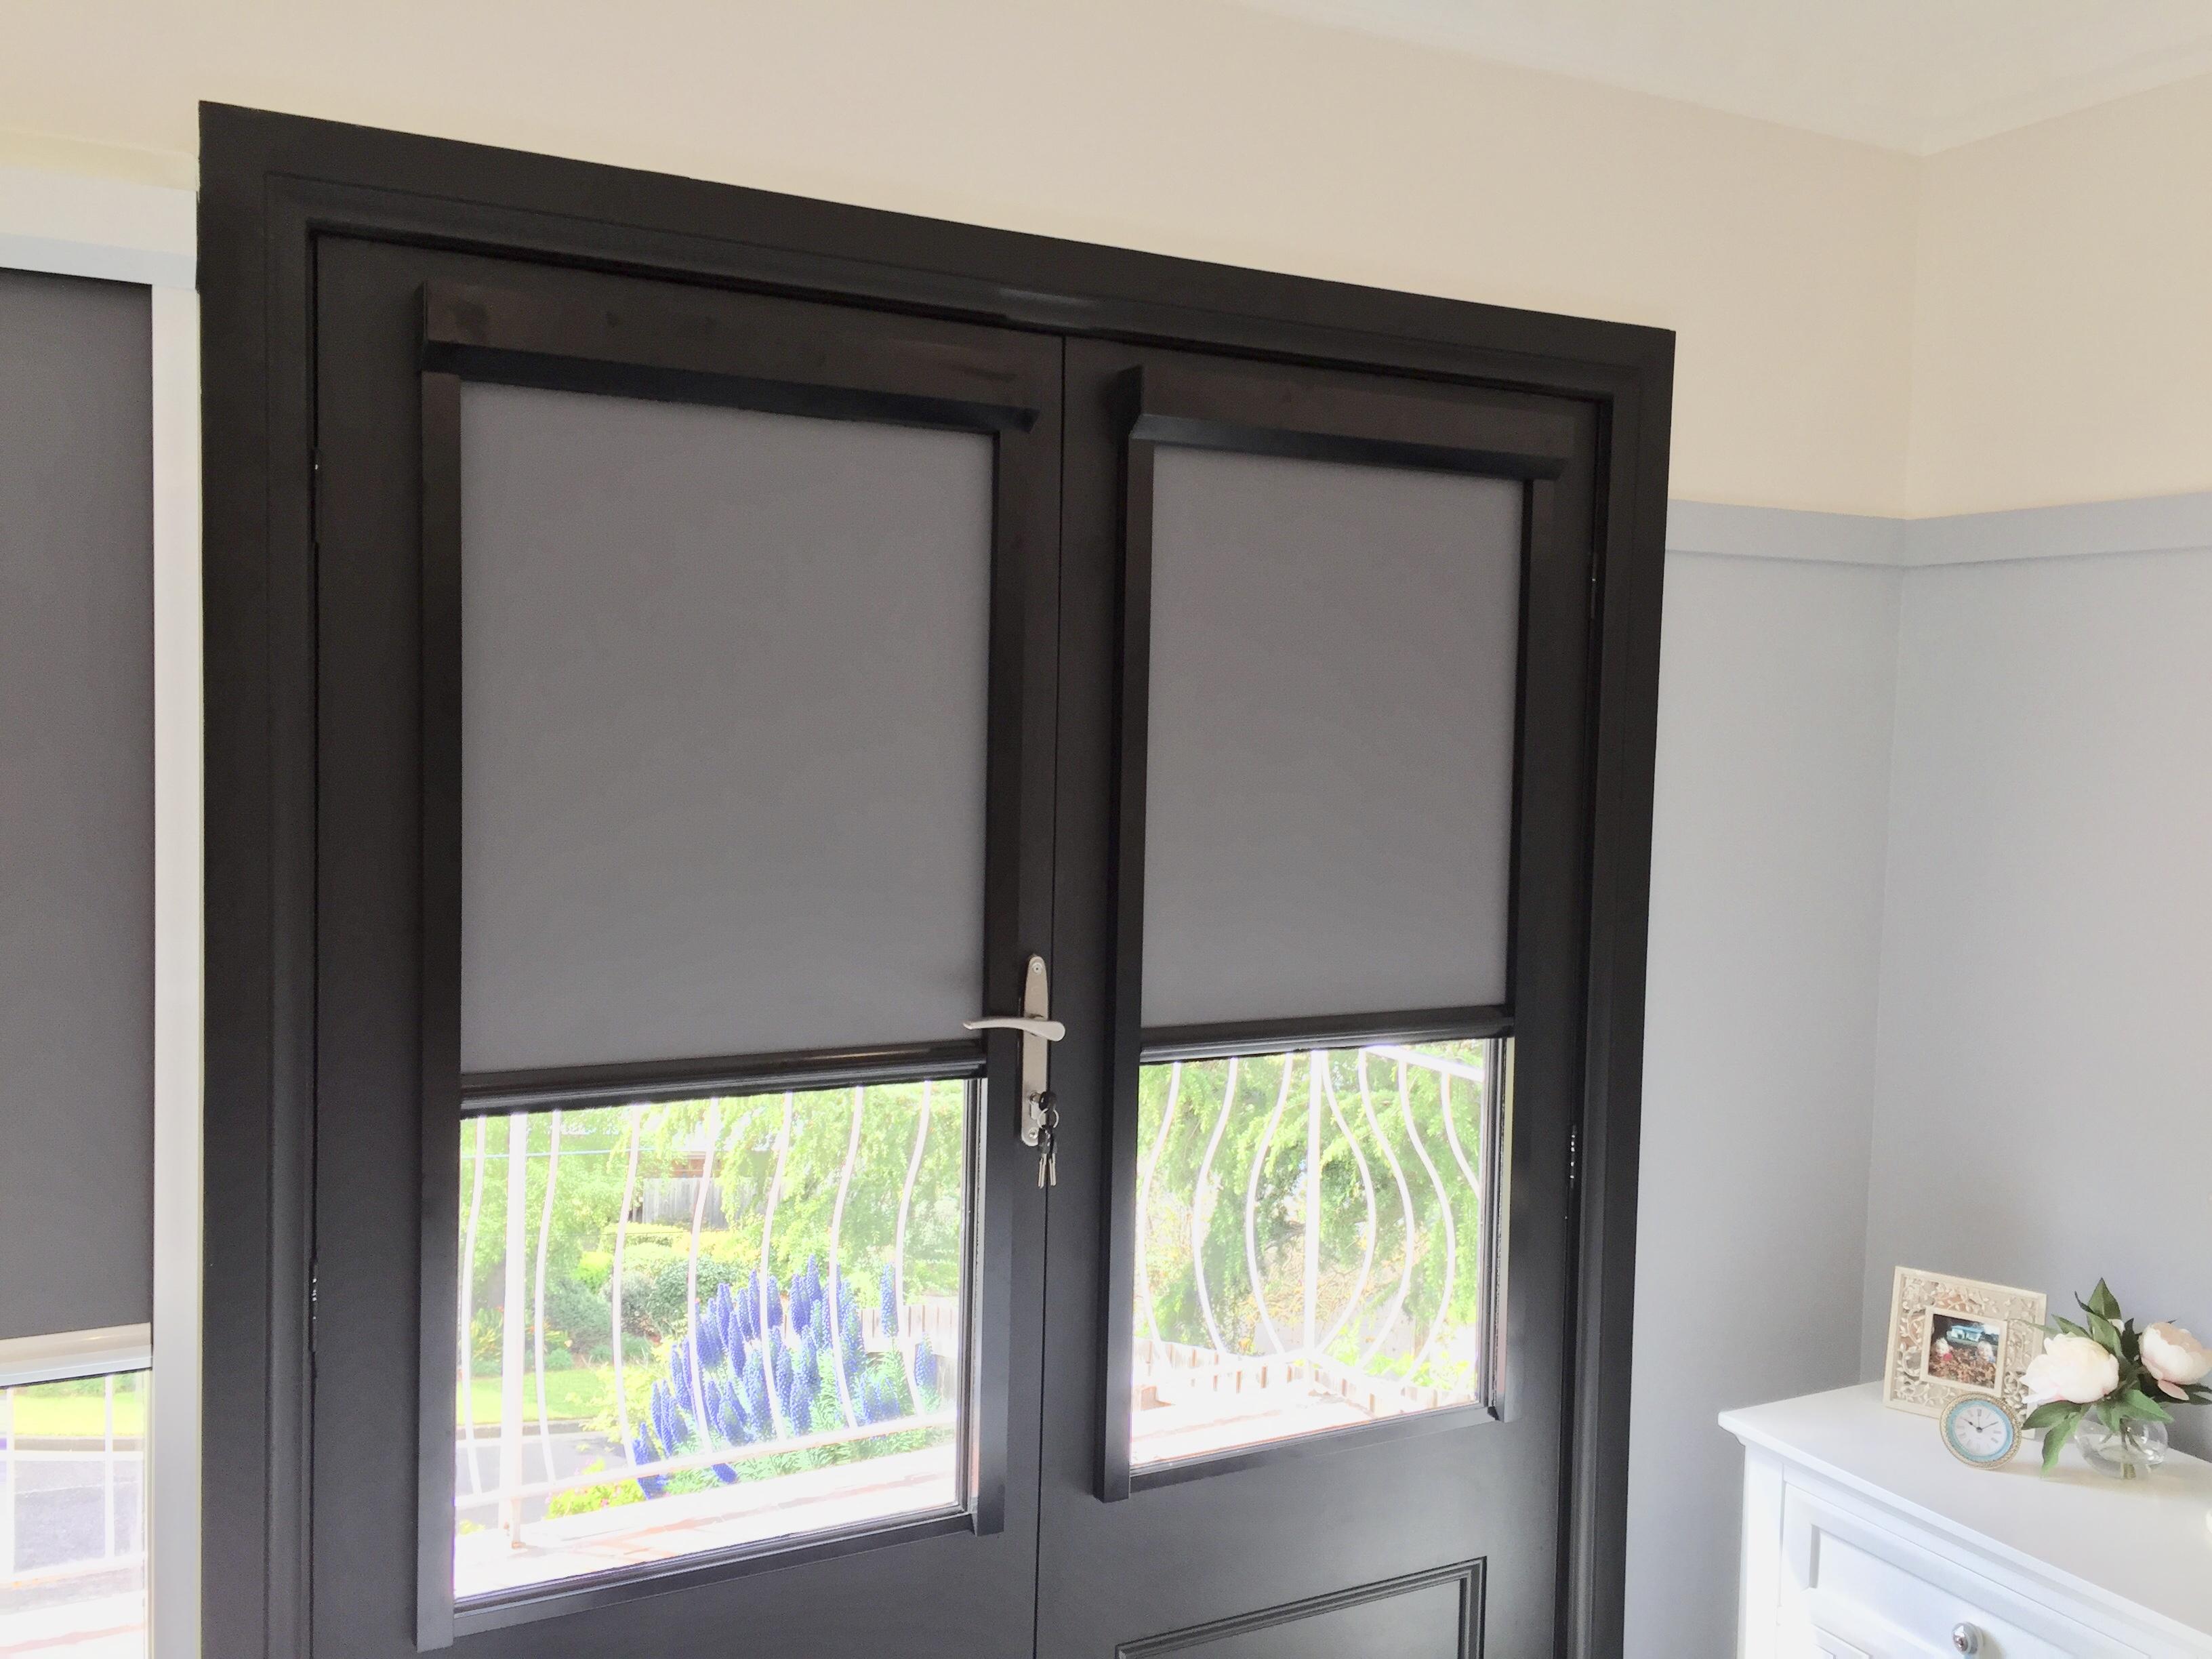 Glass Door Blind Install